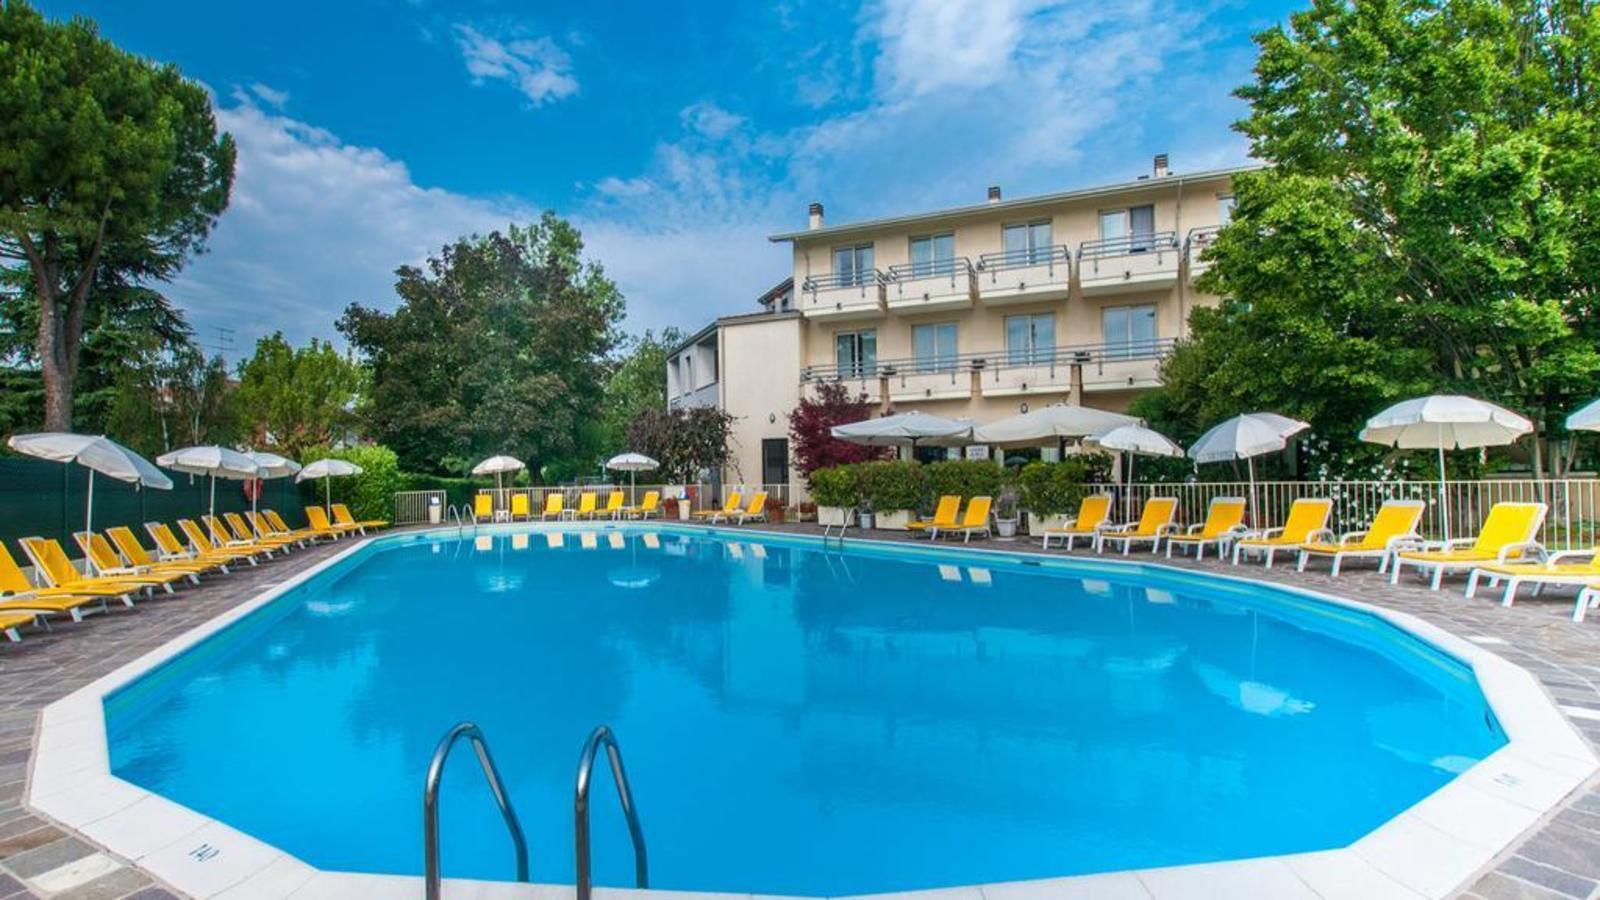 Hotel du parc sirmione topflight lake garda for Hotel du parc